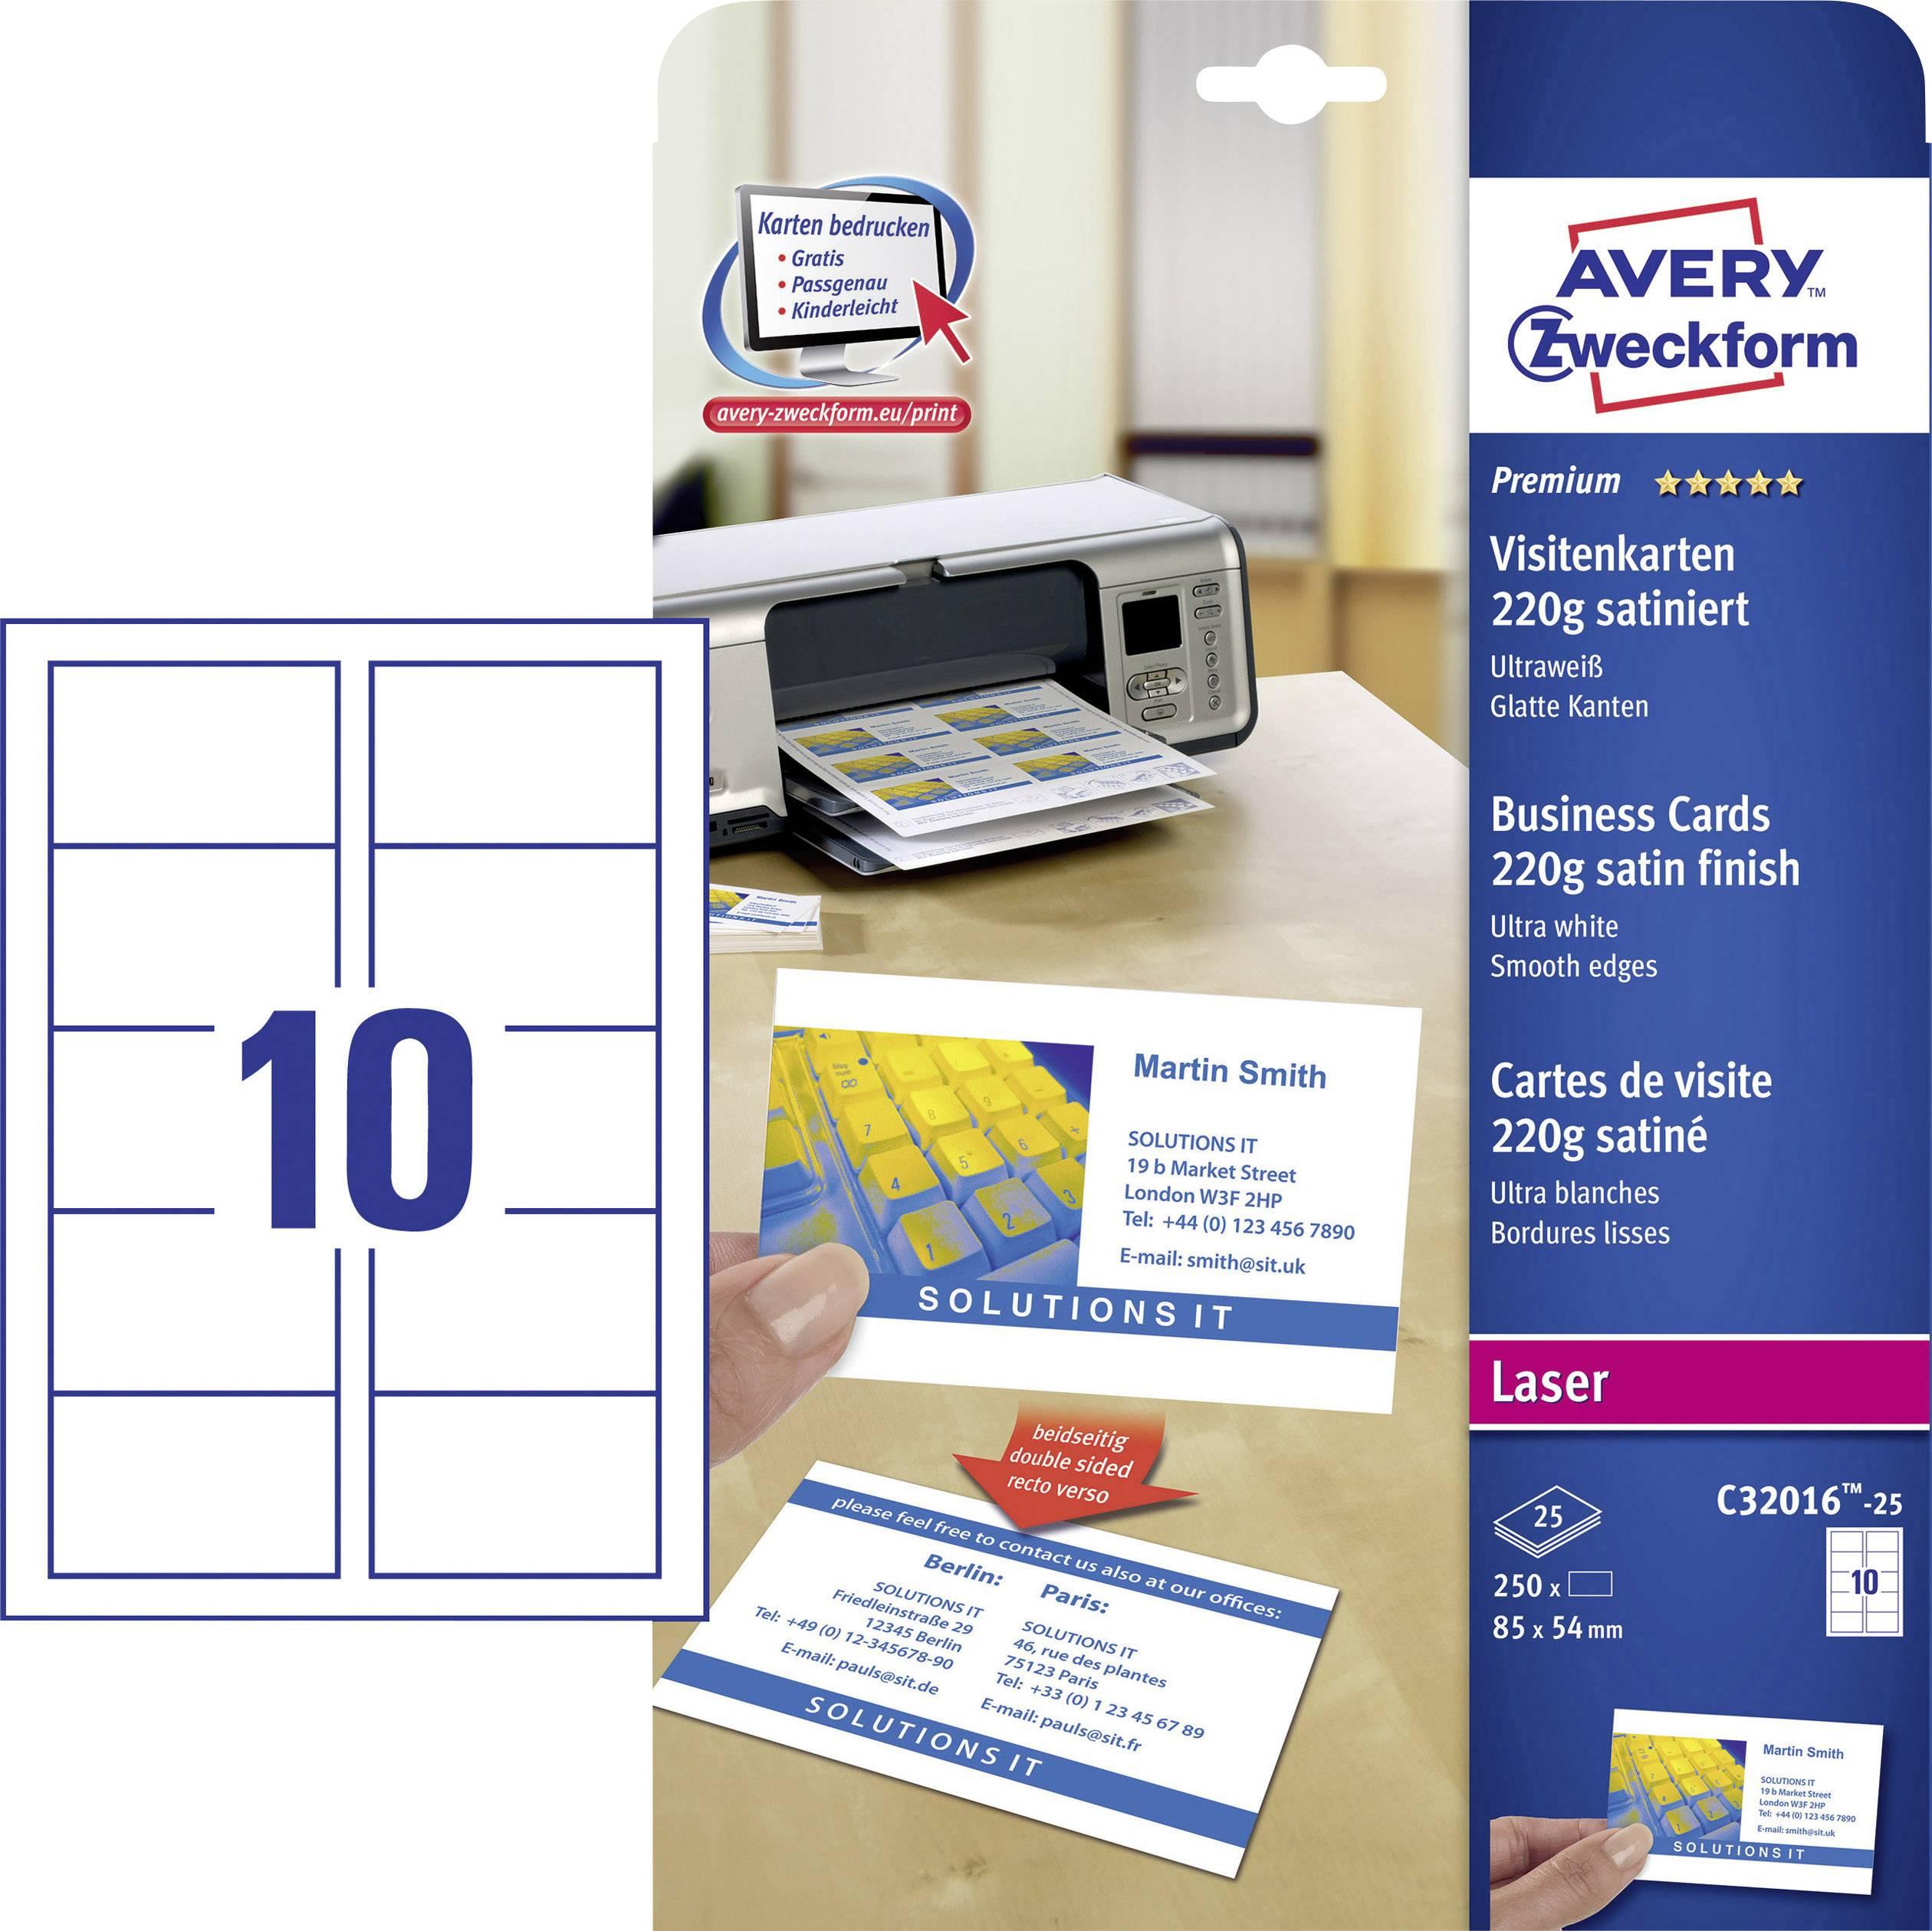 Avery Zweckform Bedruckbare Visitenkarten Glatte Kanten C32016 25 85 X 54 Mm Weiß 250 St Papierformat Din A4